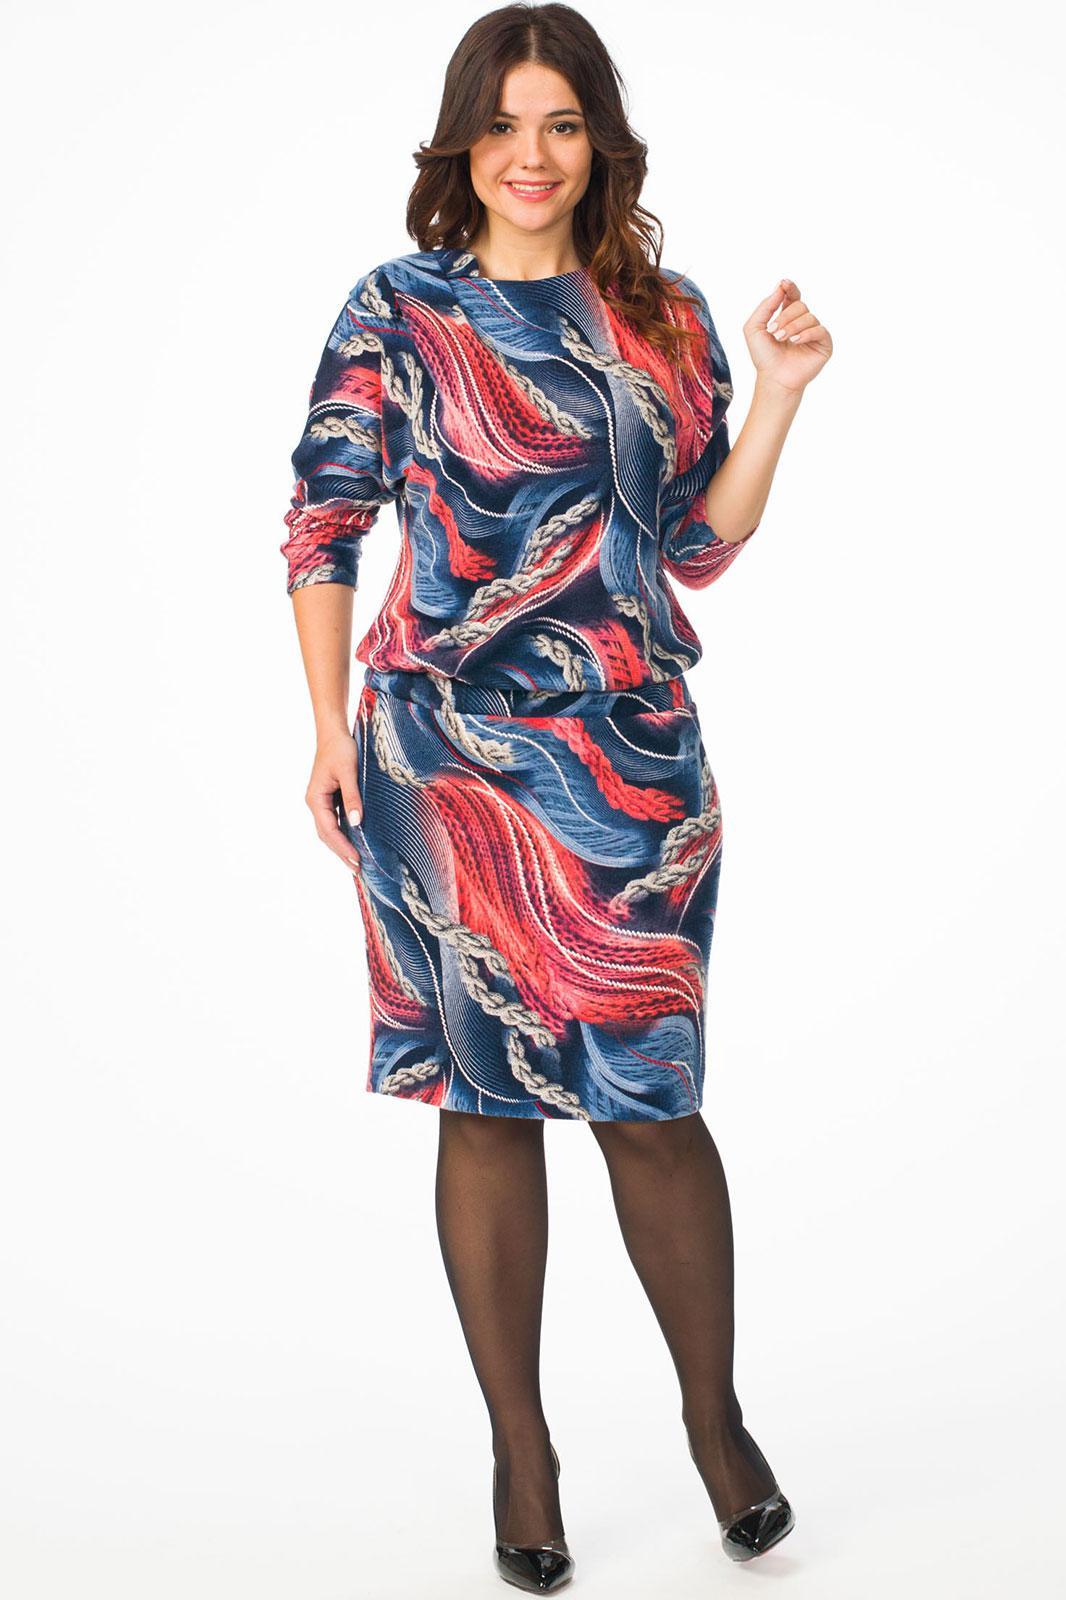 Купить Платье Melissena, 821 синий с цветами, Беларусь